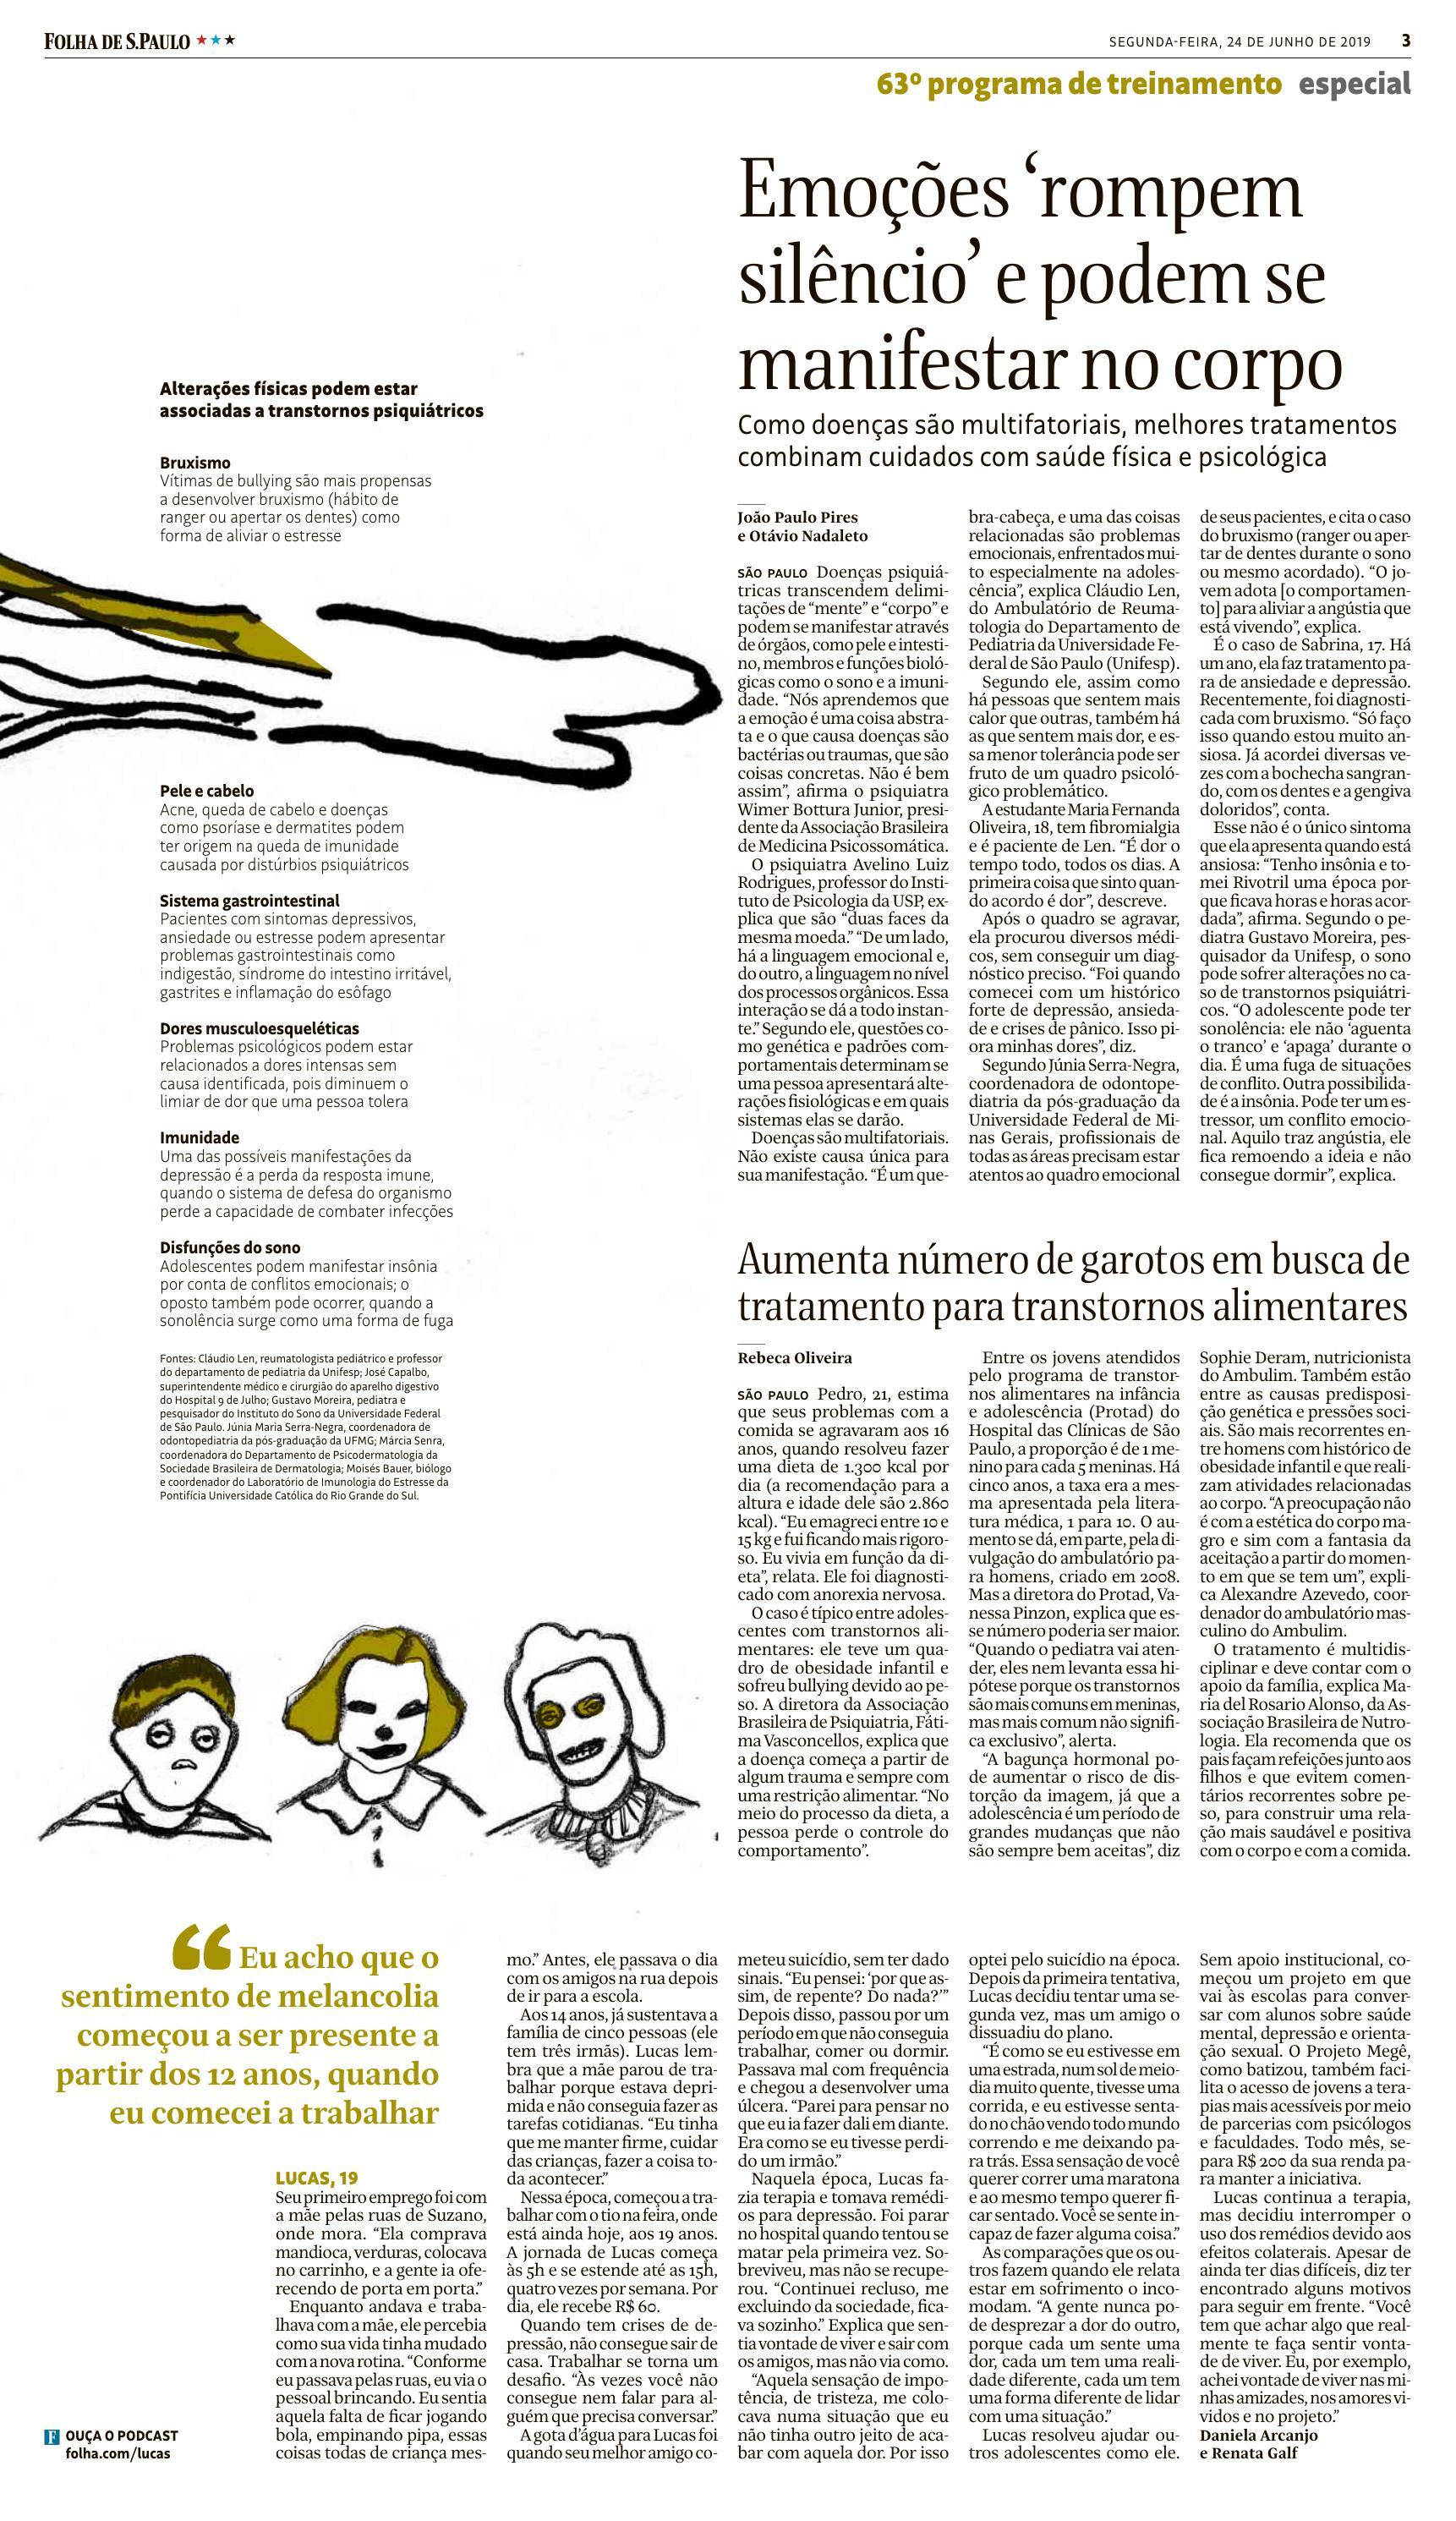 Médica nutróloga da ABRAN fala sobre transtornos alimentares em adolescentes na Folha de S. Paulo